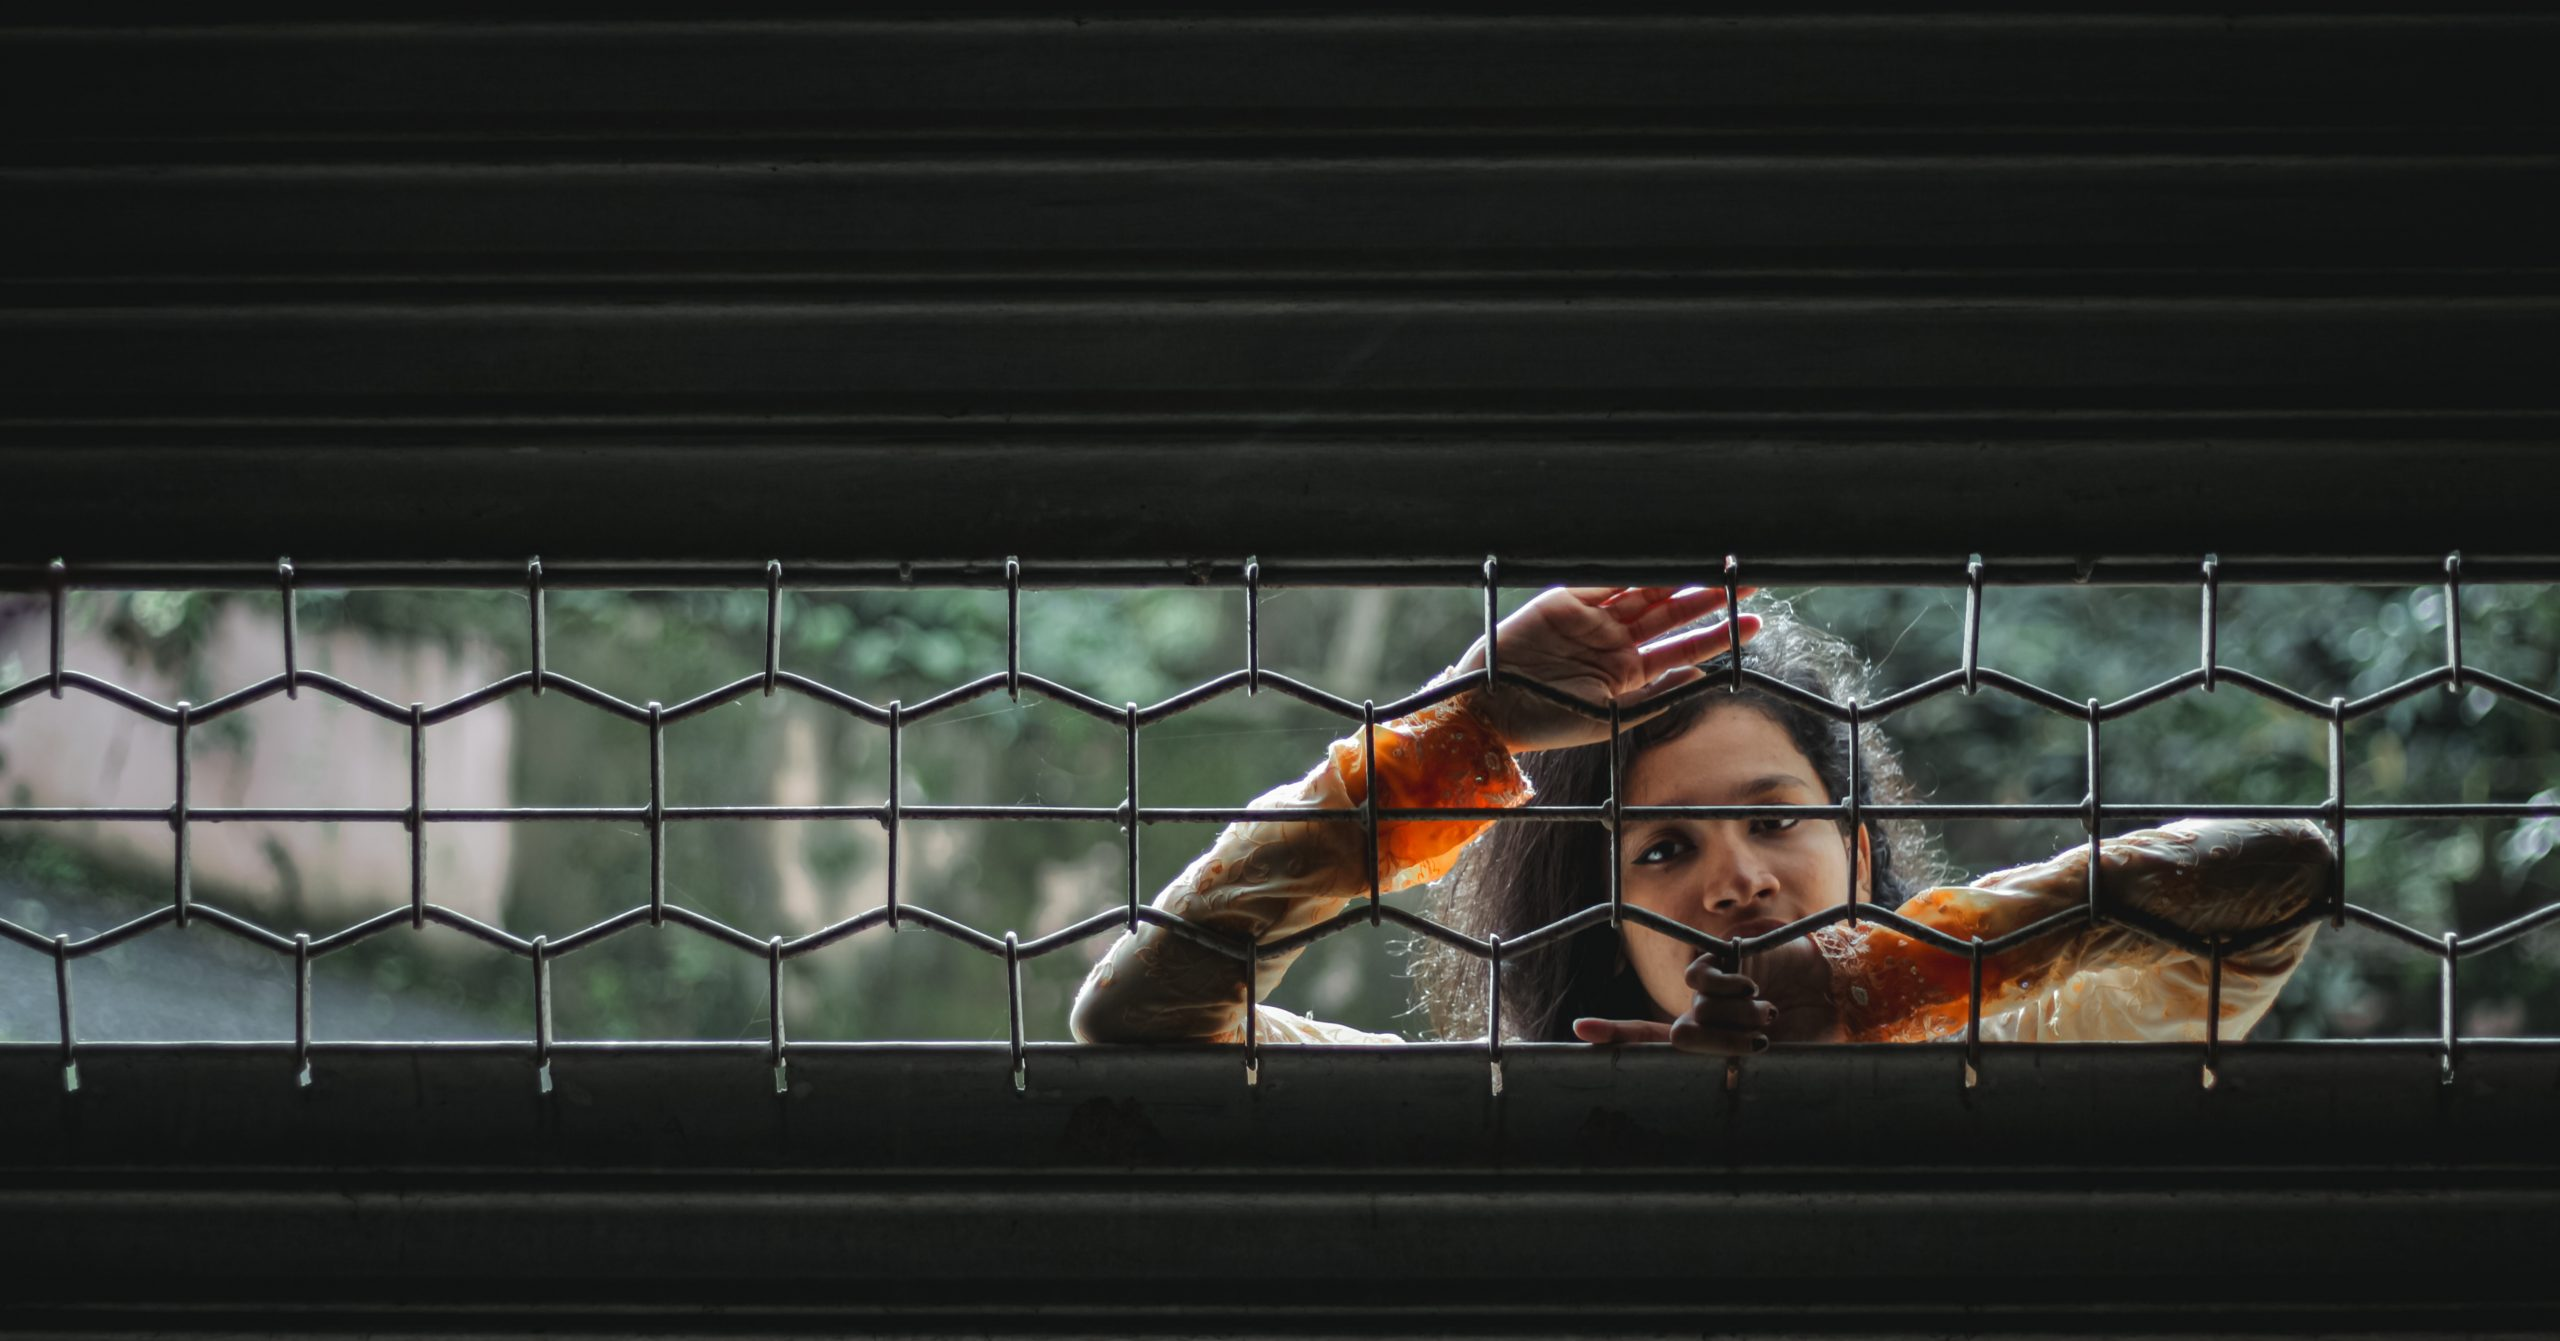 A girl behind a shutter